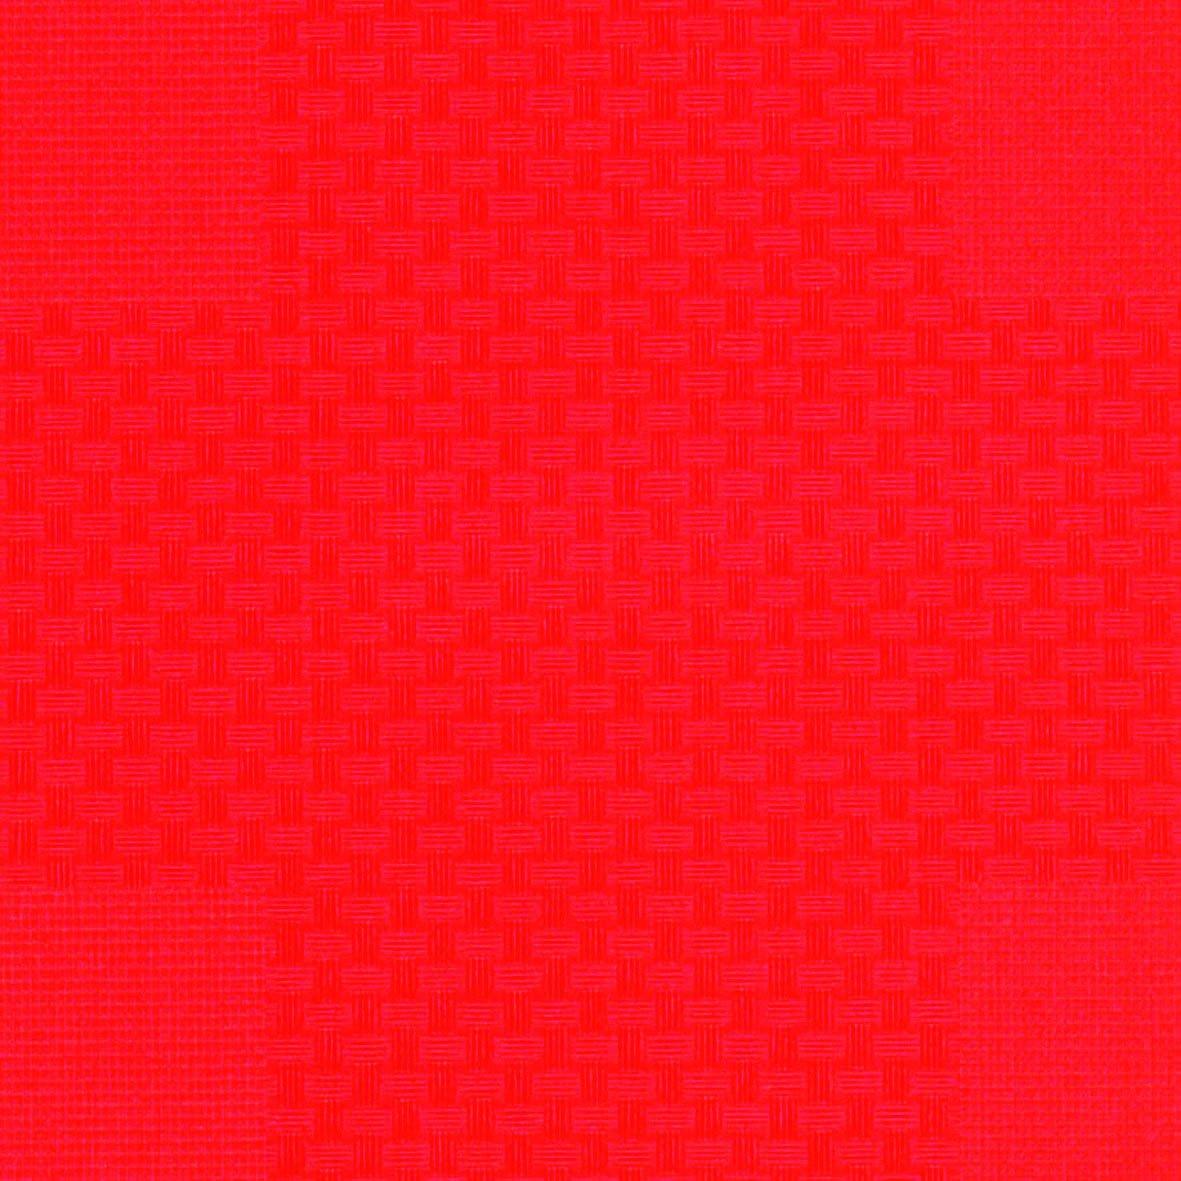 リリカラ 壁紙36m モダン 幾何学 オレンジ LL-8015 B01N3WKXMC 36m オレンジ